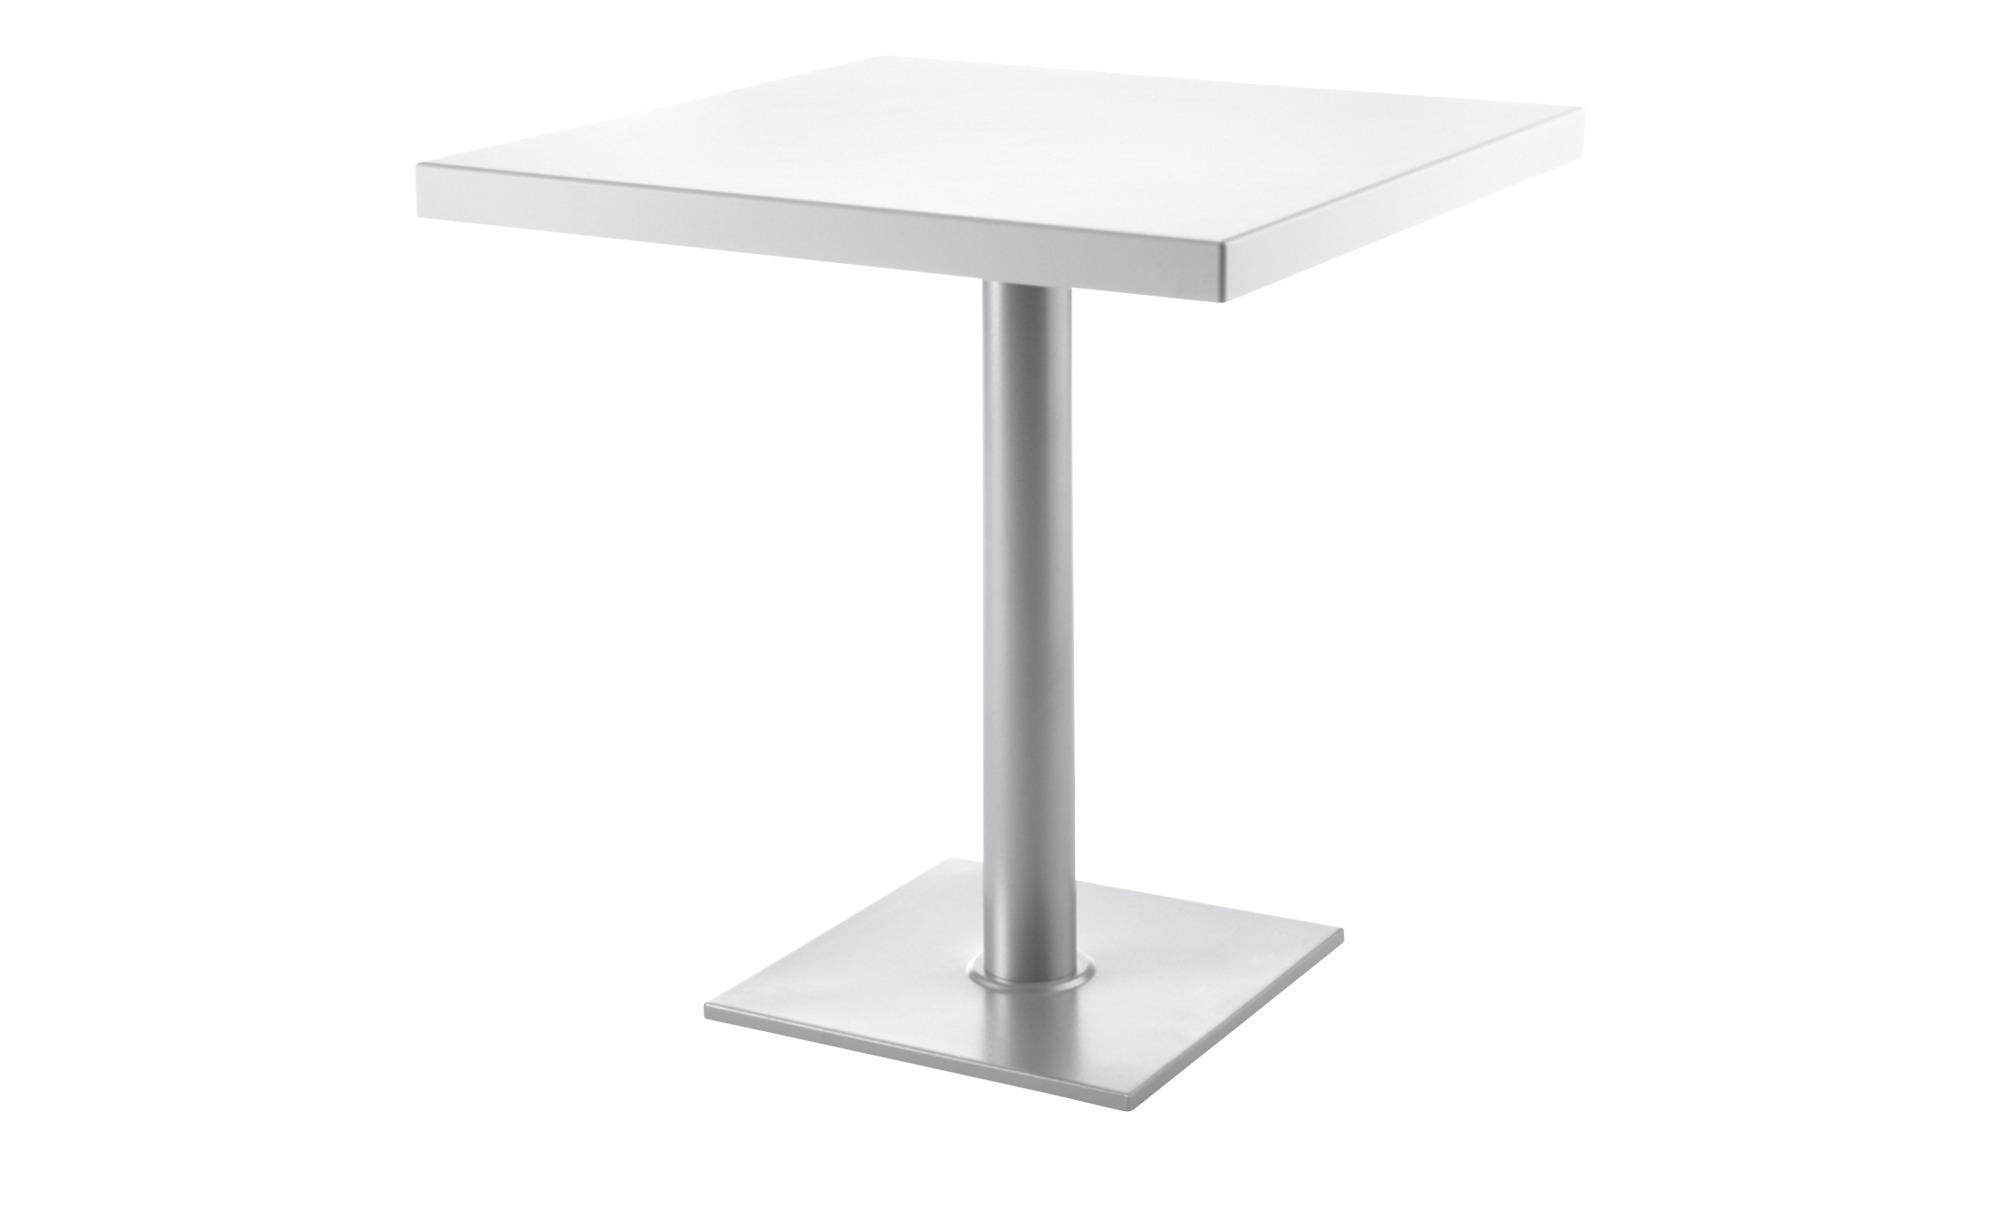 Esstisch  Top Netto ¦ Maße (cm): B: 70 H: 75 Tische > Esstische > Esstische eckig - Höffner